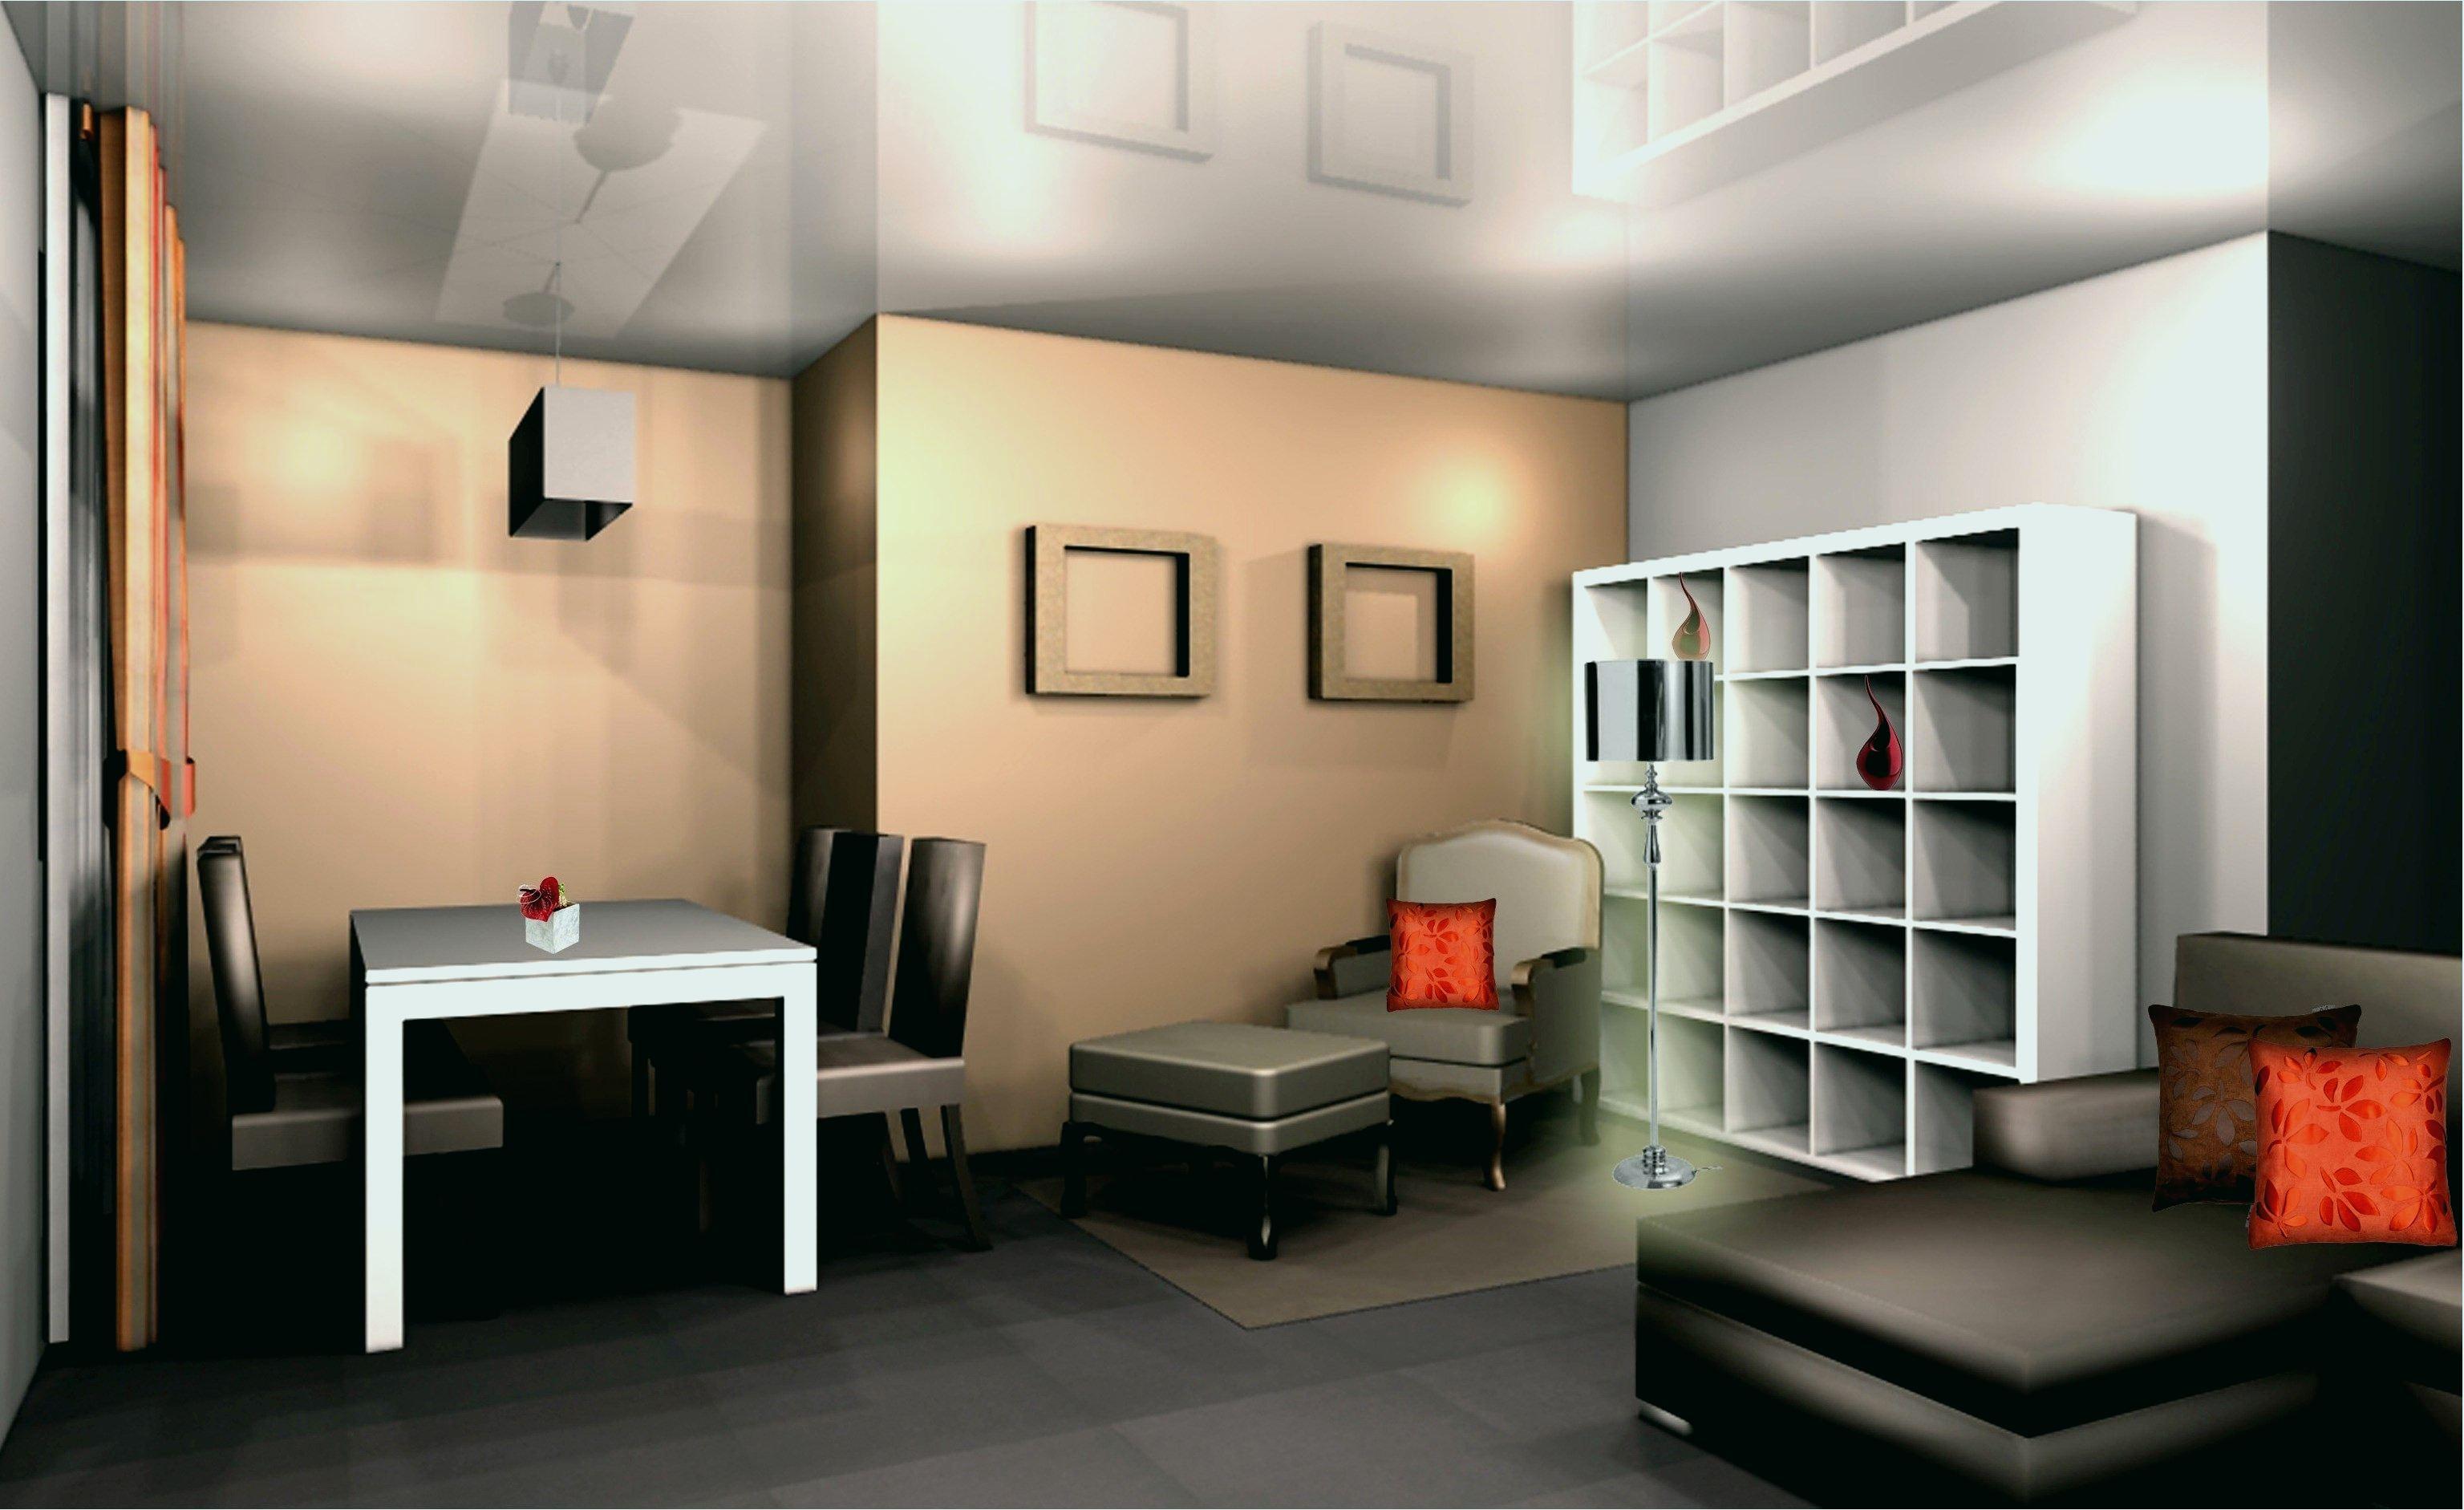 Logiciel d coration int rieur 3d gratuit design en image - Logiciel en ligne amenagement interieur ...